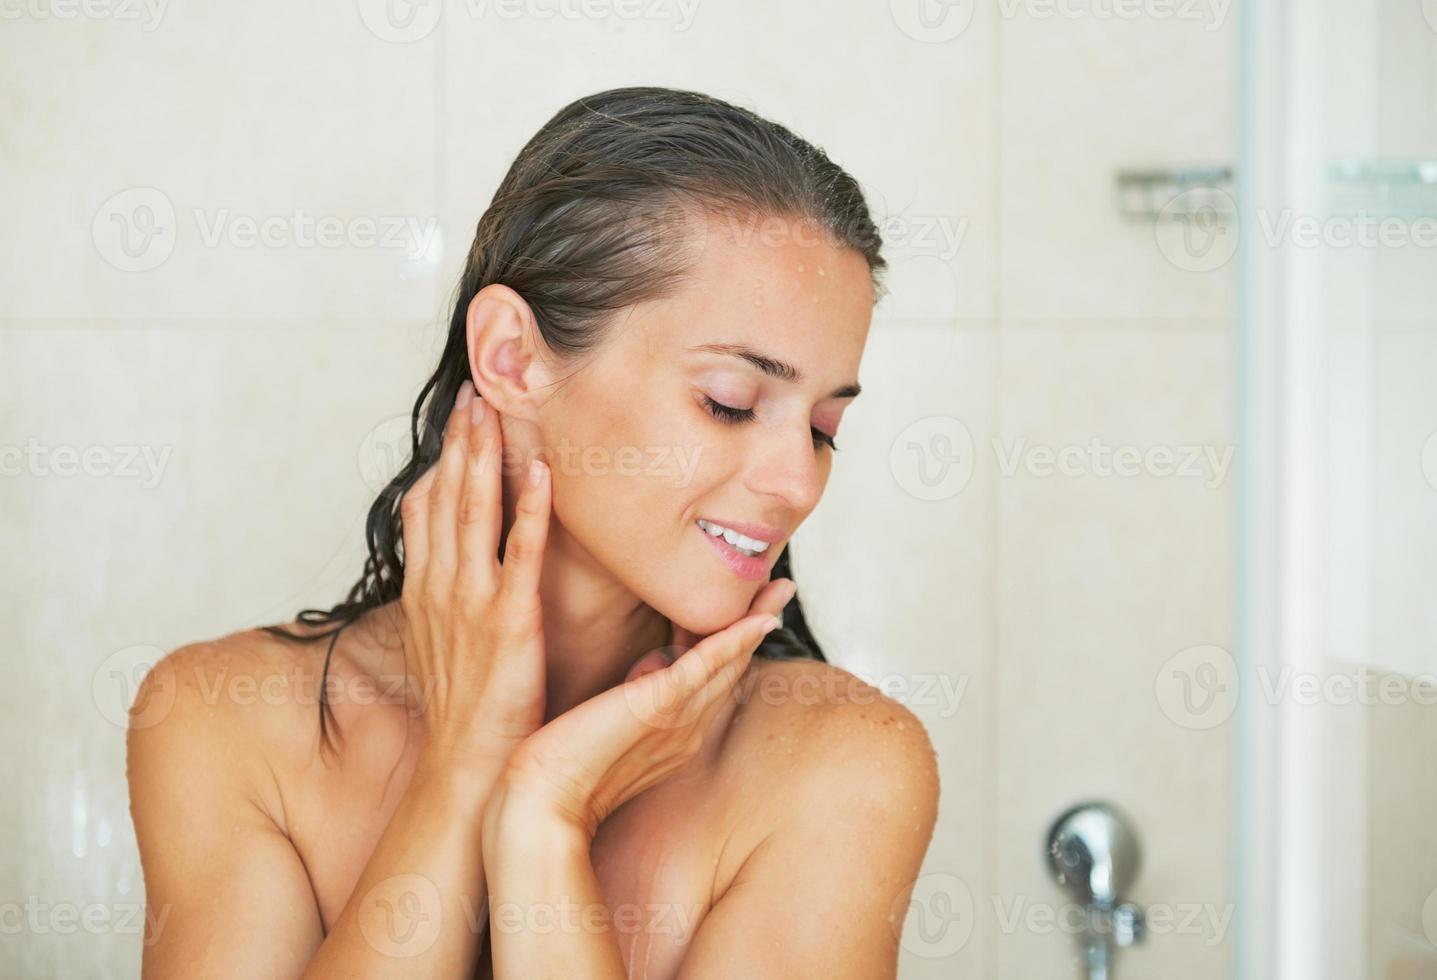 felice giovane donna in doccia foto